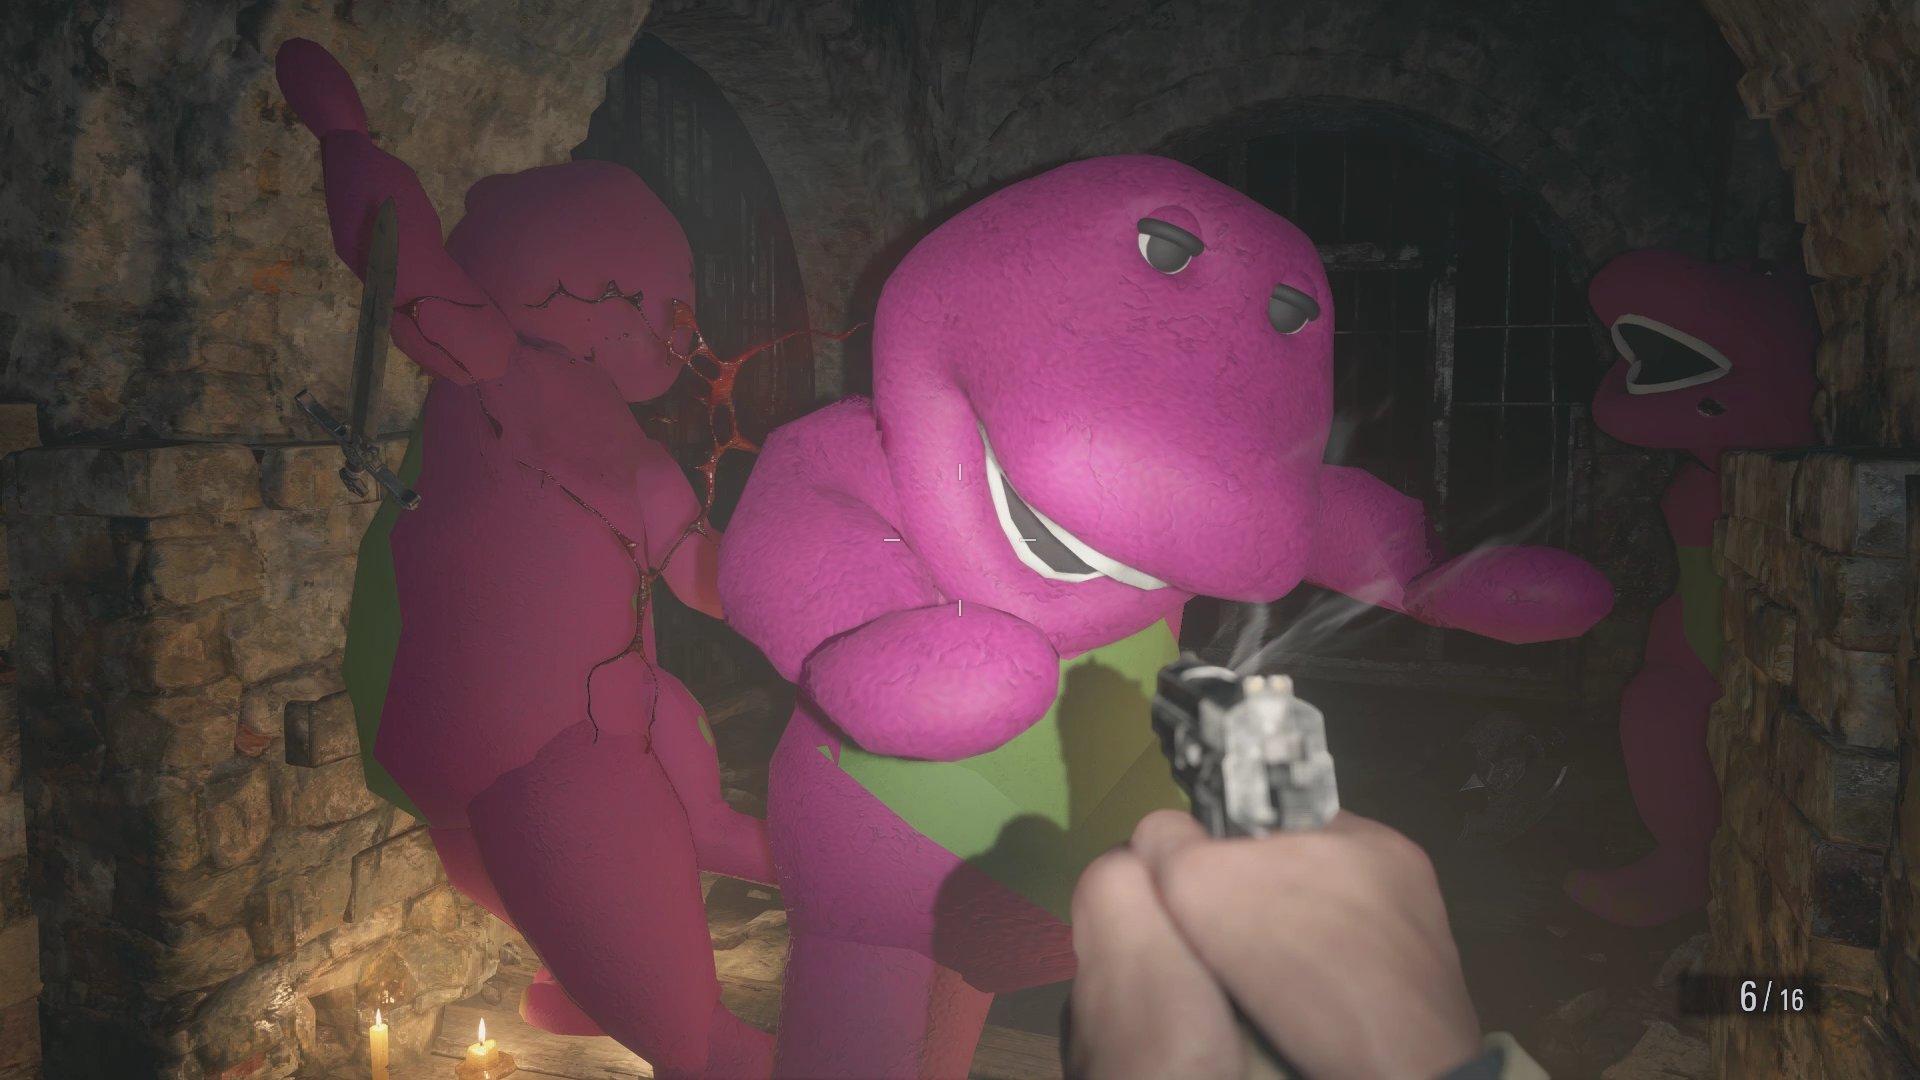 Người chơi hệ lầy mod được cả Ricardo Milos vào Resident Evil sắp ra mắt - Ảnh 1.